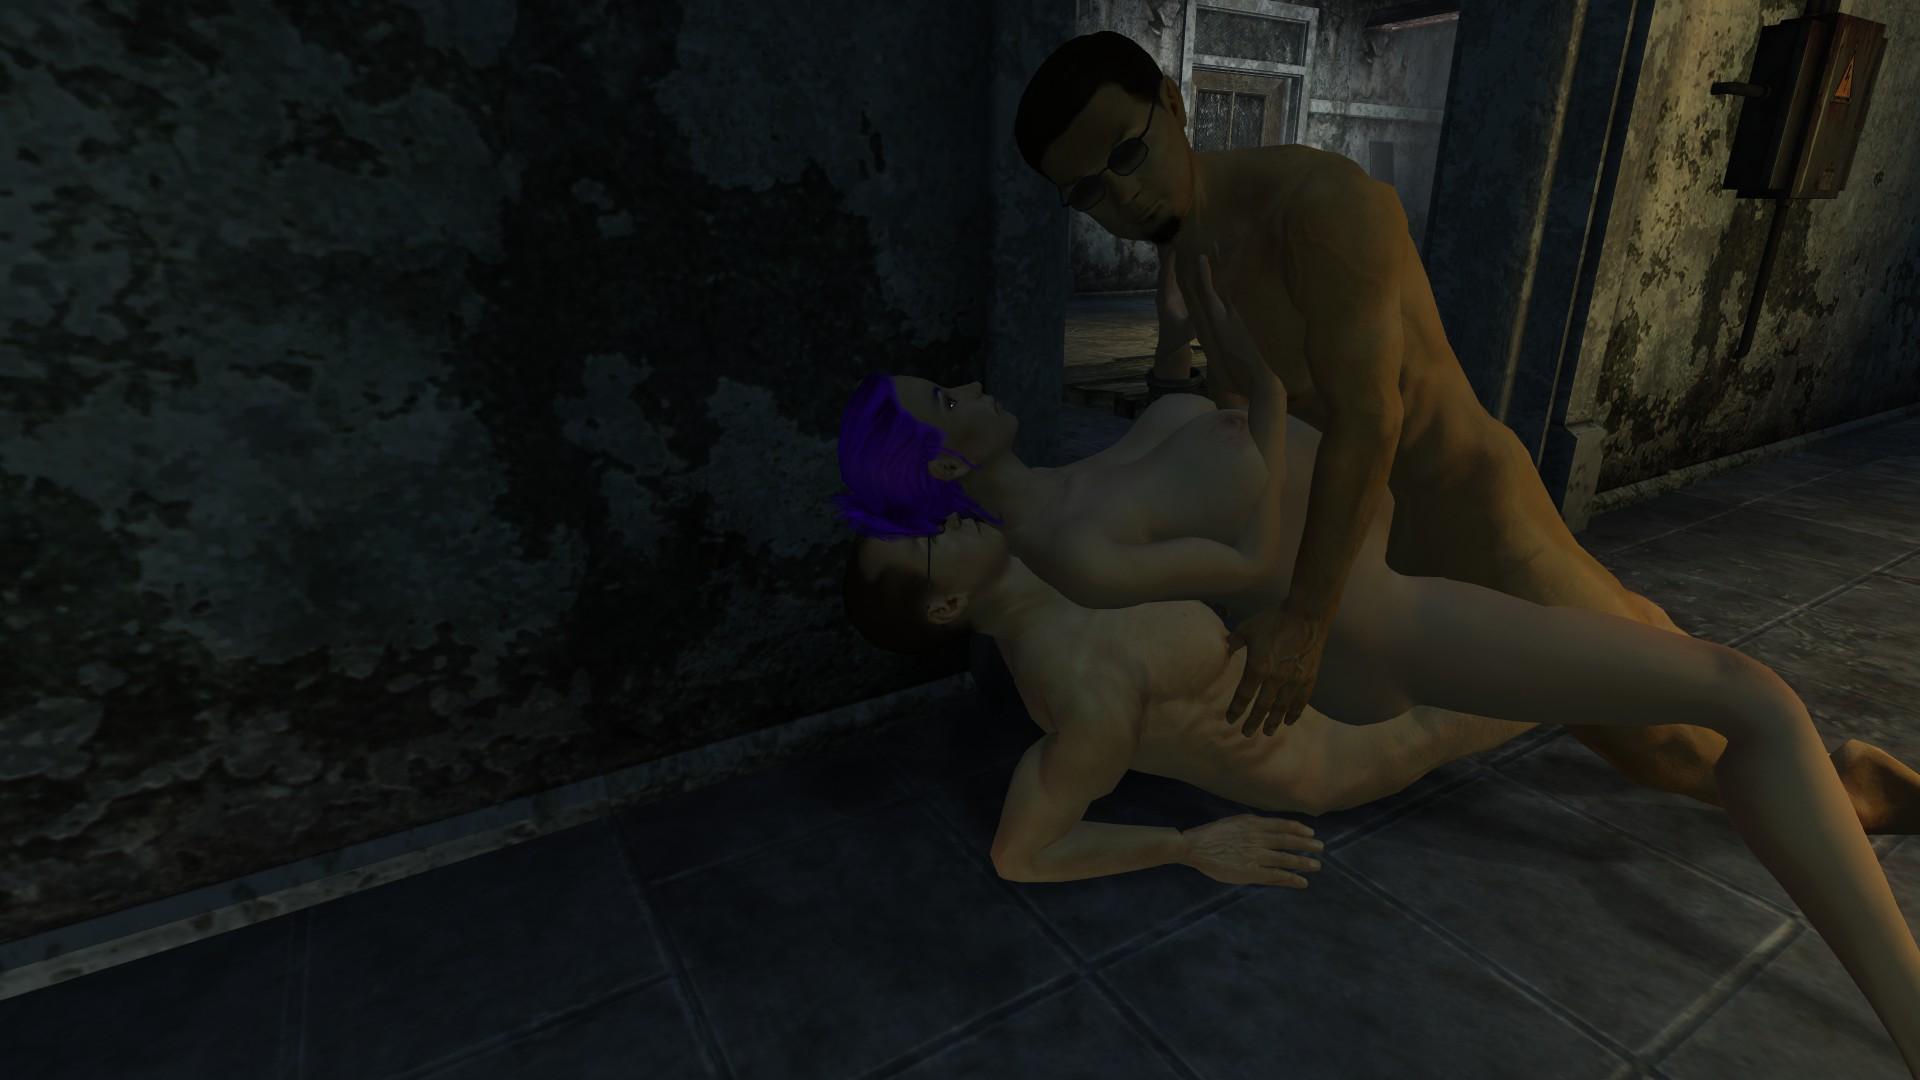 Фаллаут порно фото, Порно Арты Falloutфотографий ВКонтакте 12 фотография